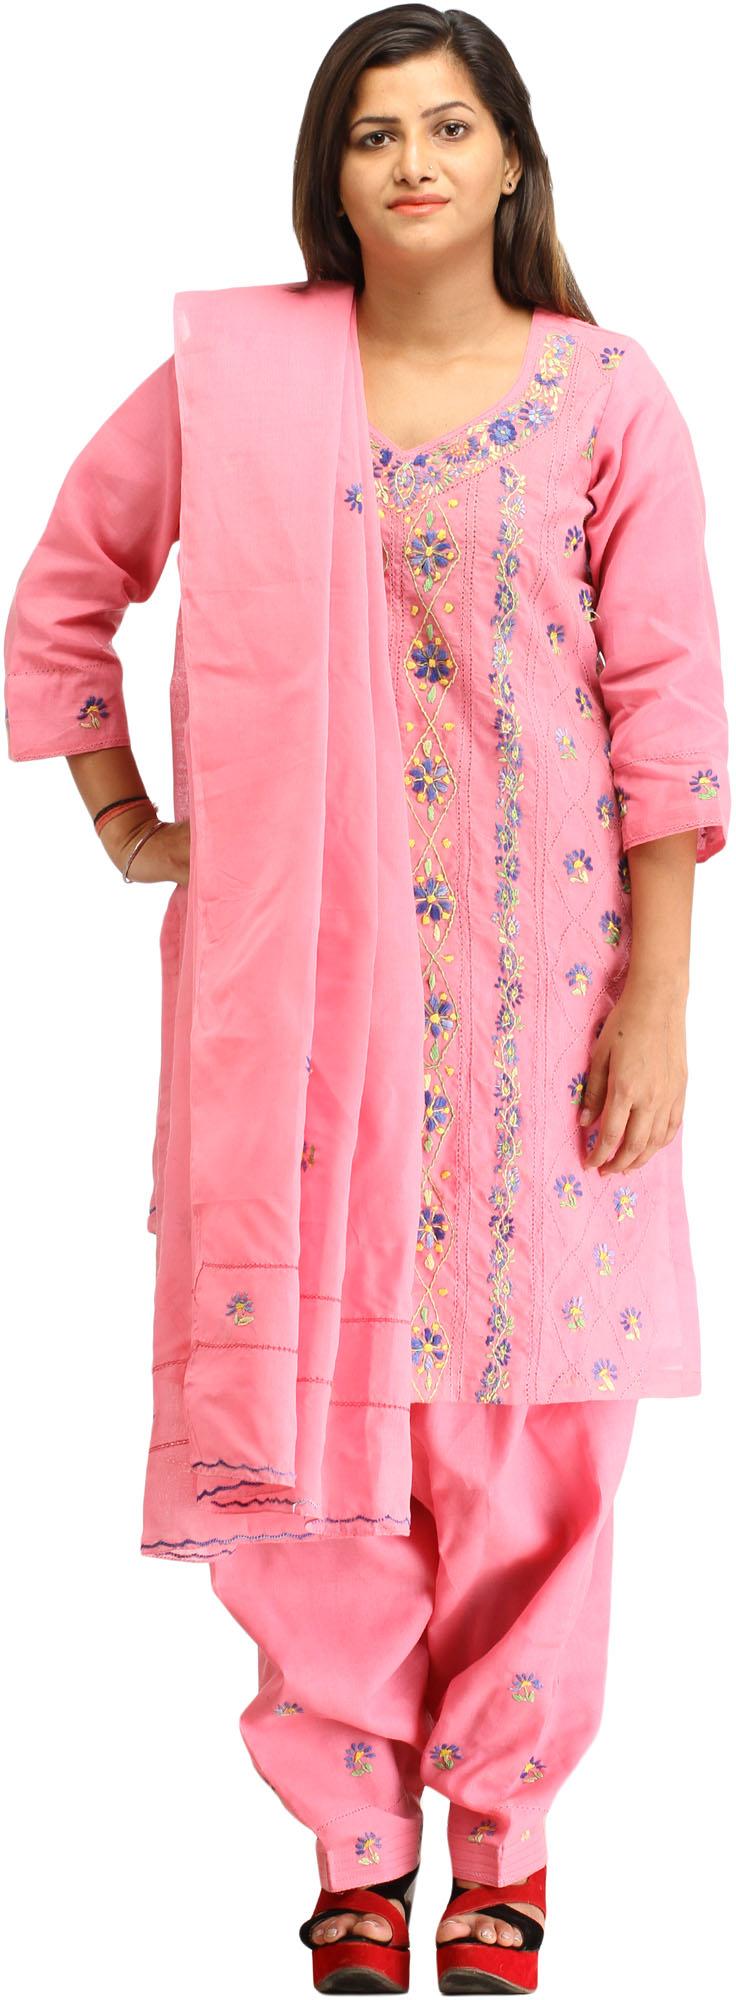 Sachet pink kantha hand embroidered salwar kameez suit